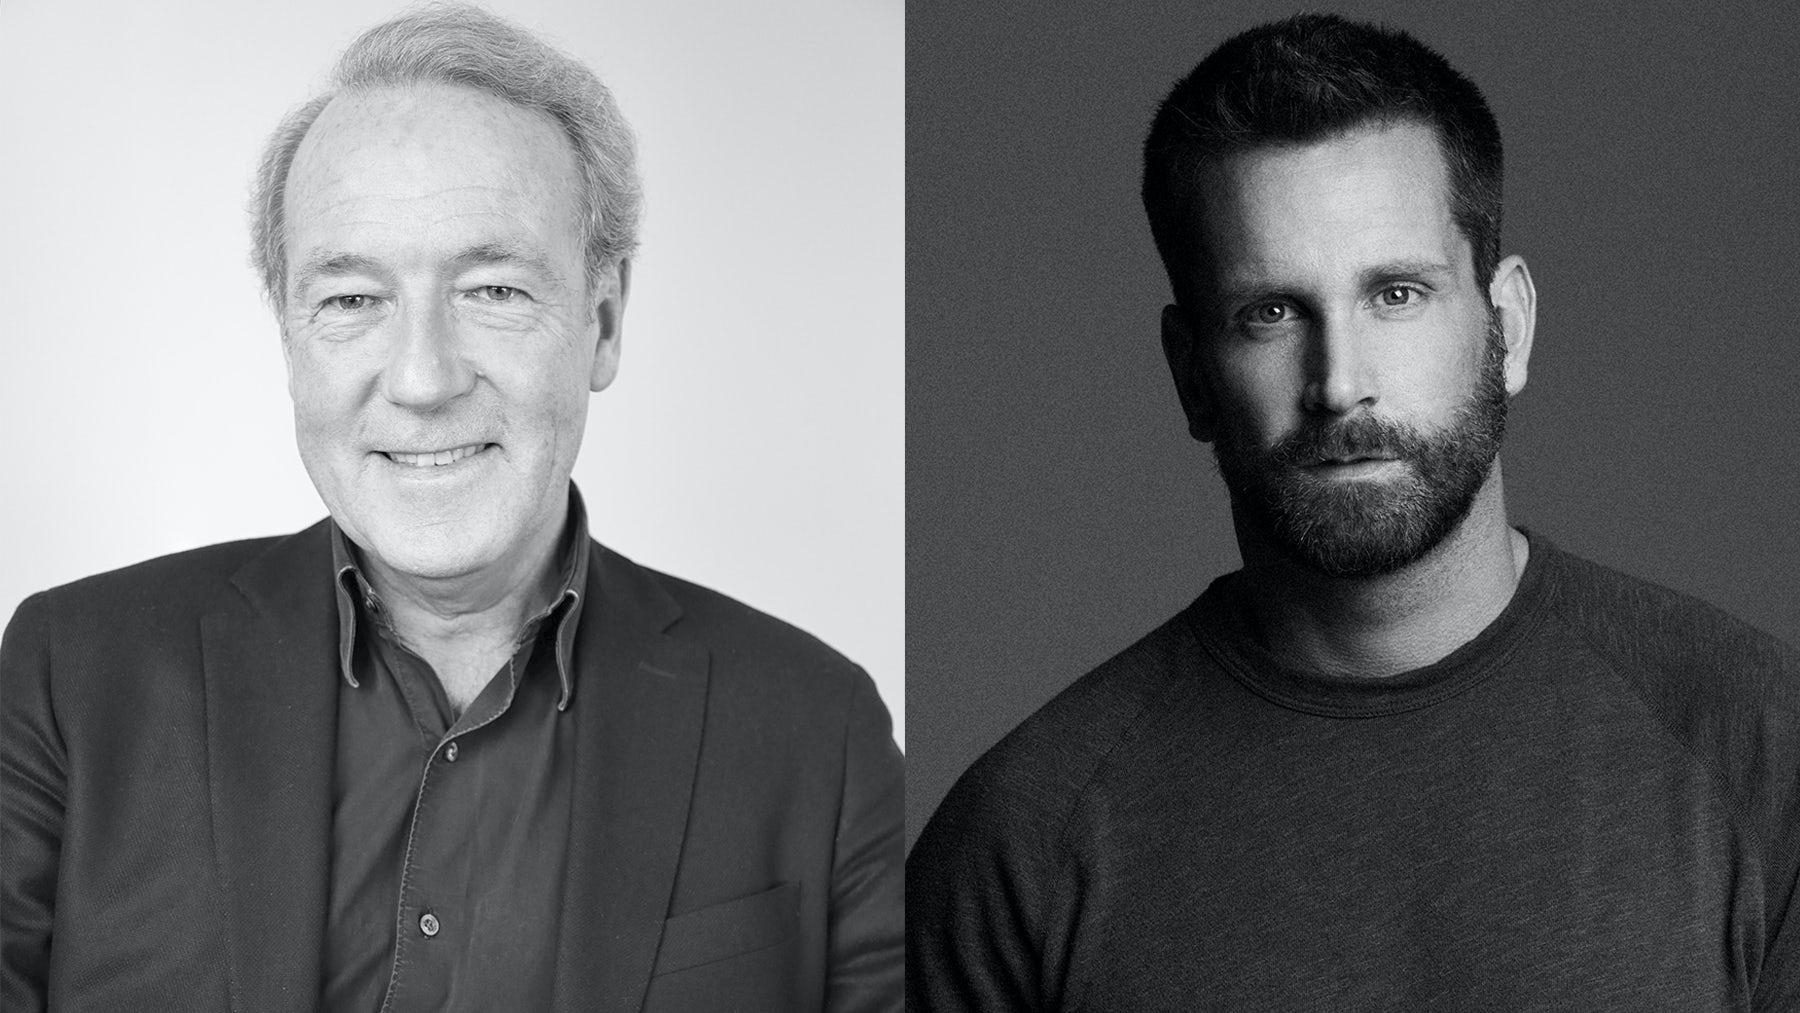 Left: Christophe Chenut, Right: Chris Gay | Source: Elite World